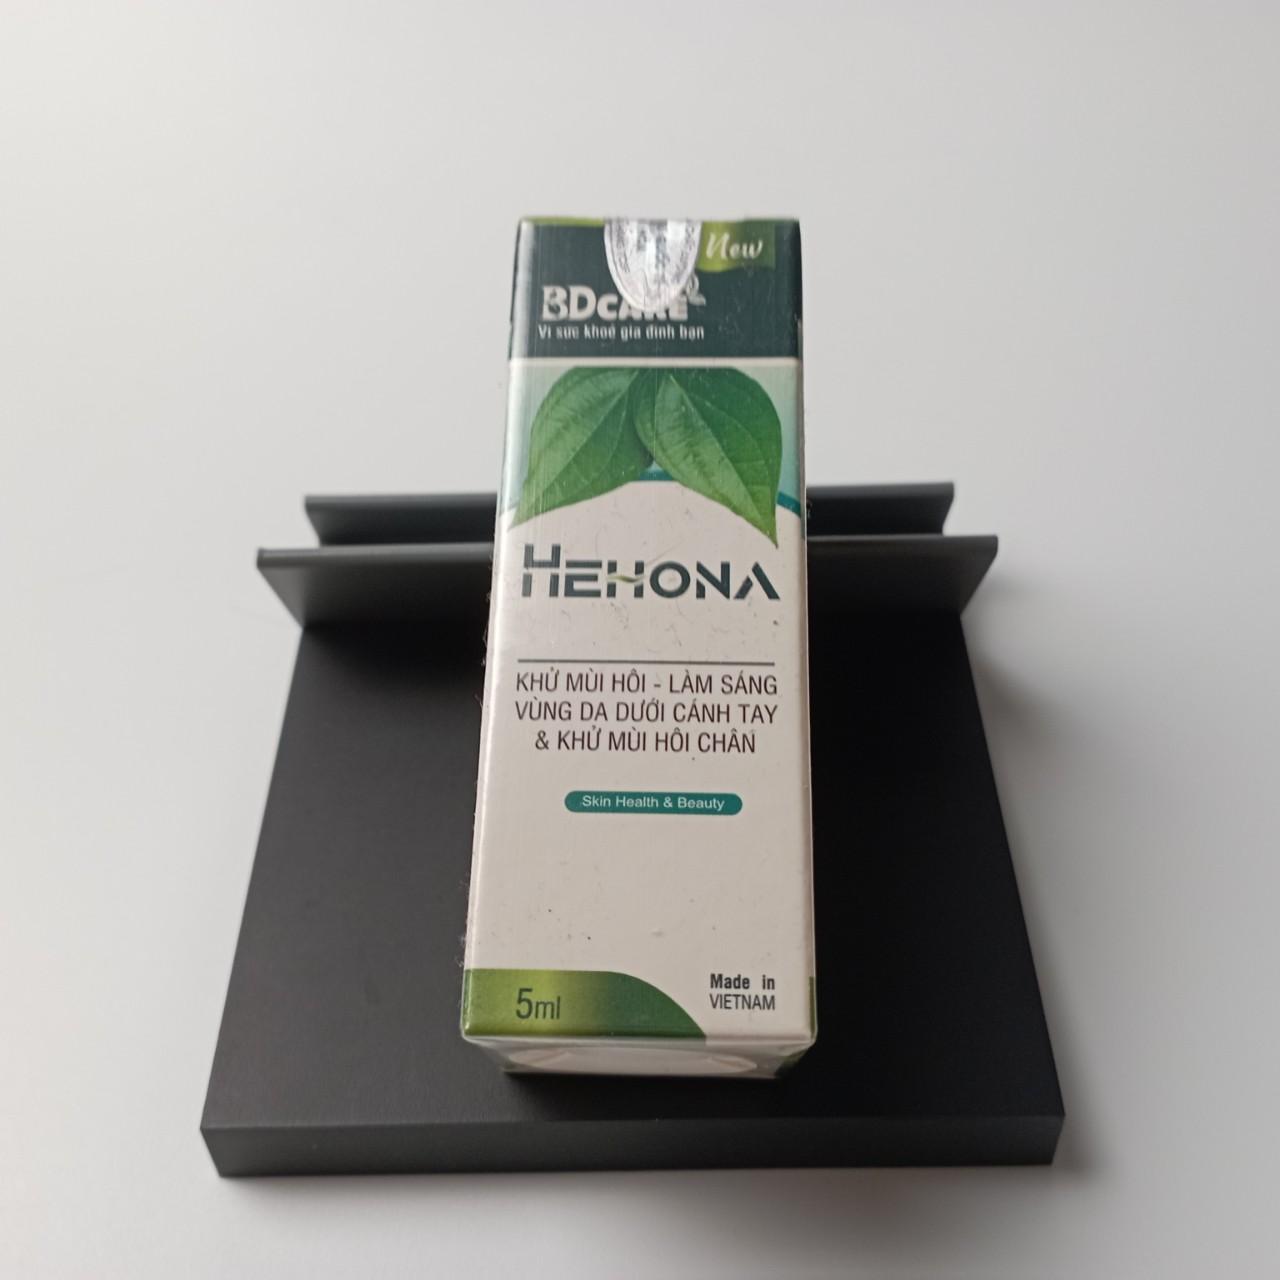 HEHONA - Serum khử mùi hôi nách & hôi chân (5ml)